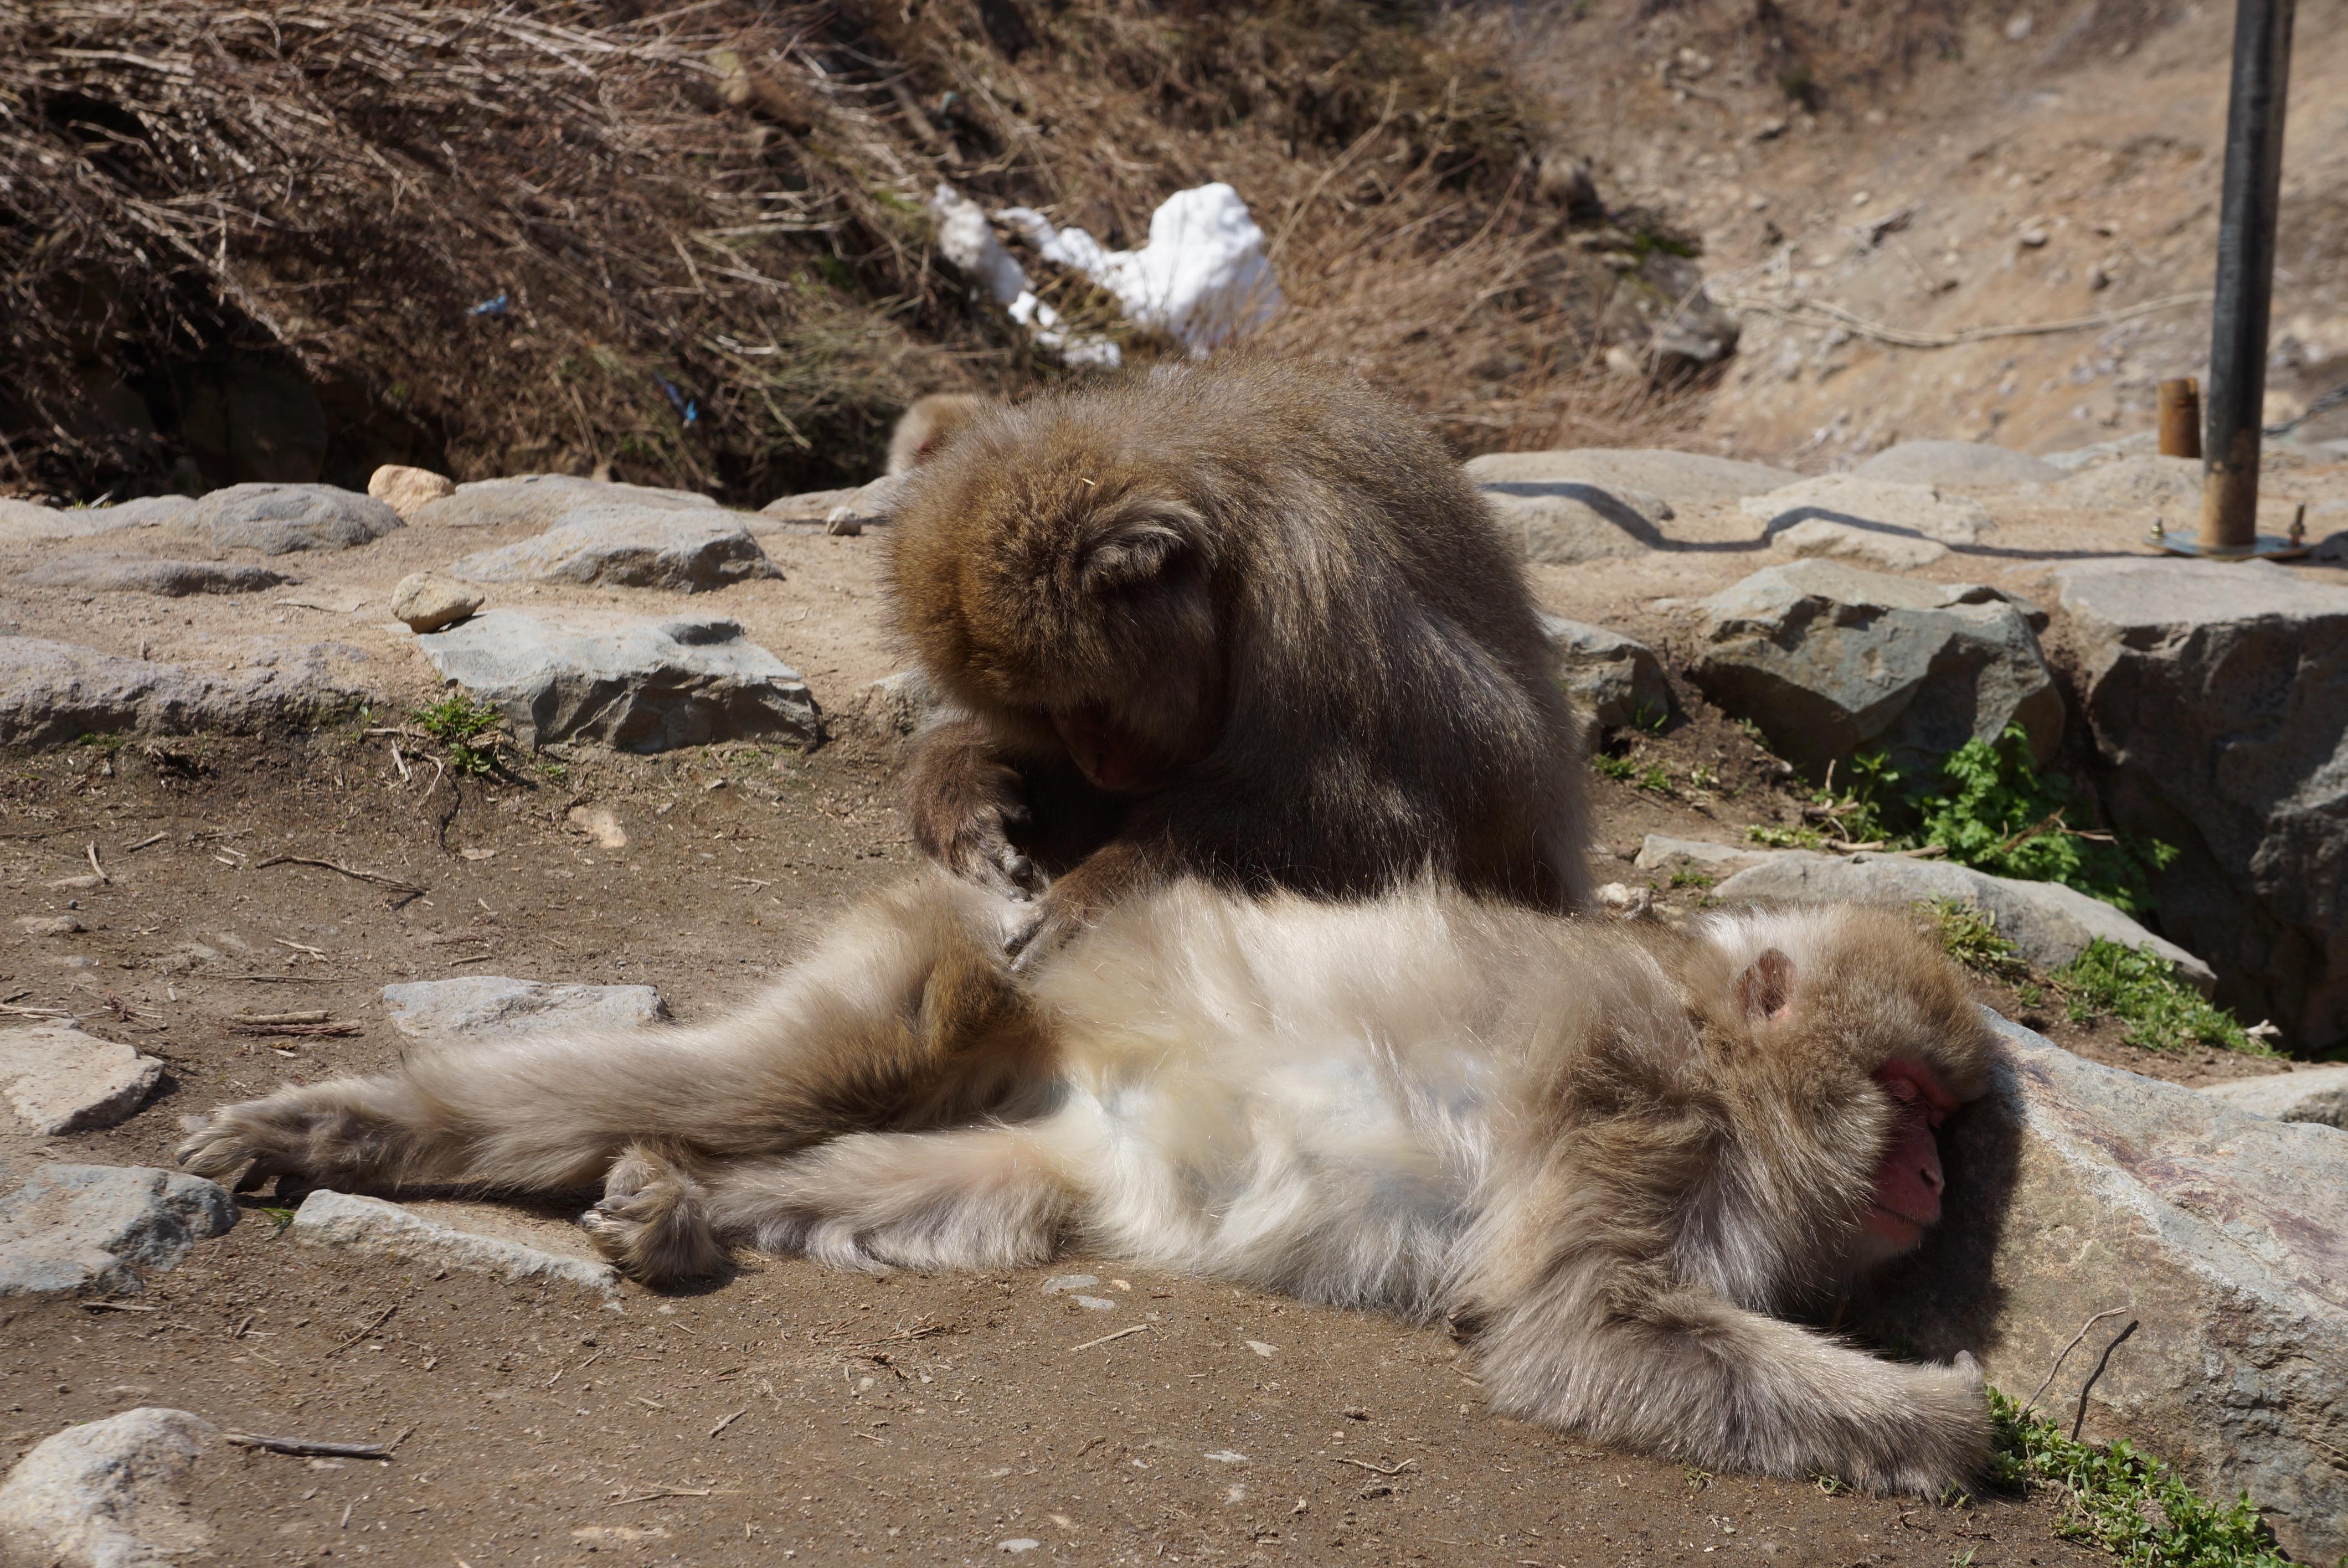 Fleecing monkey